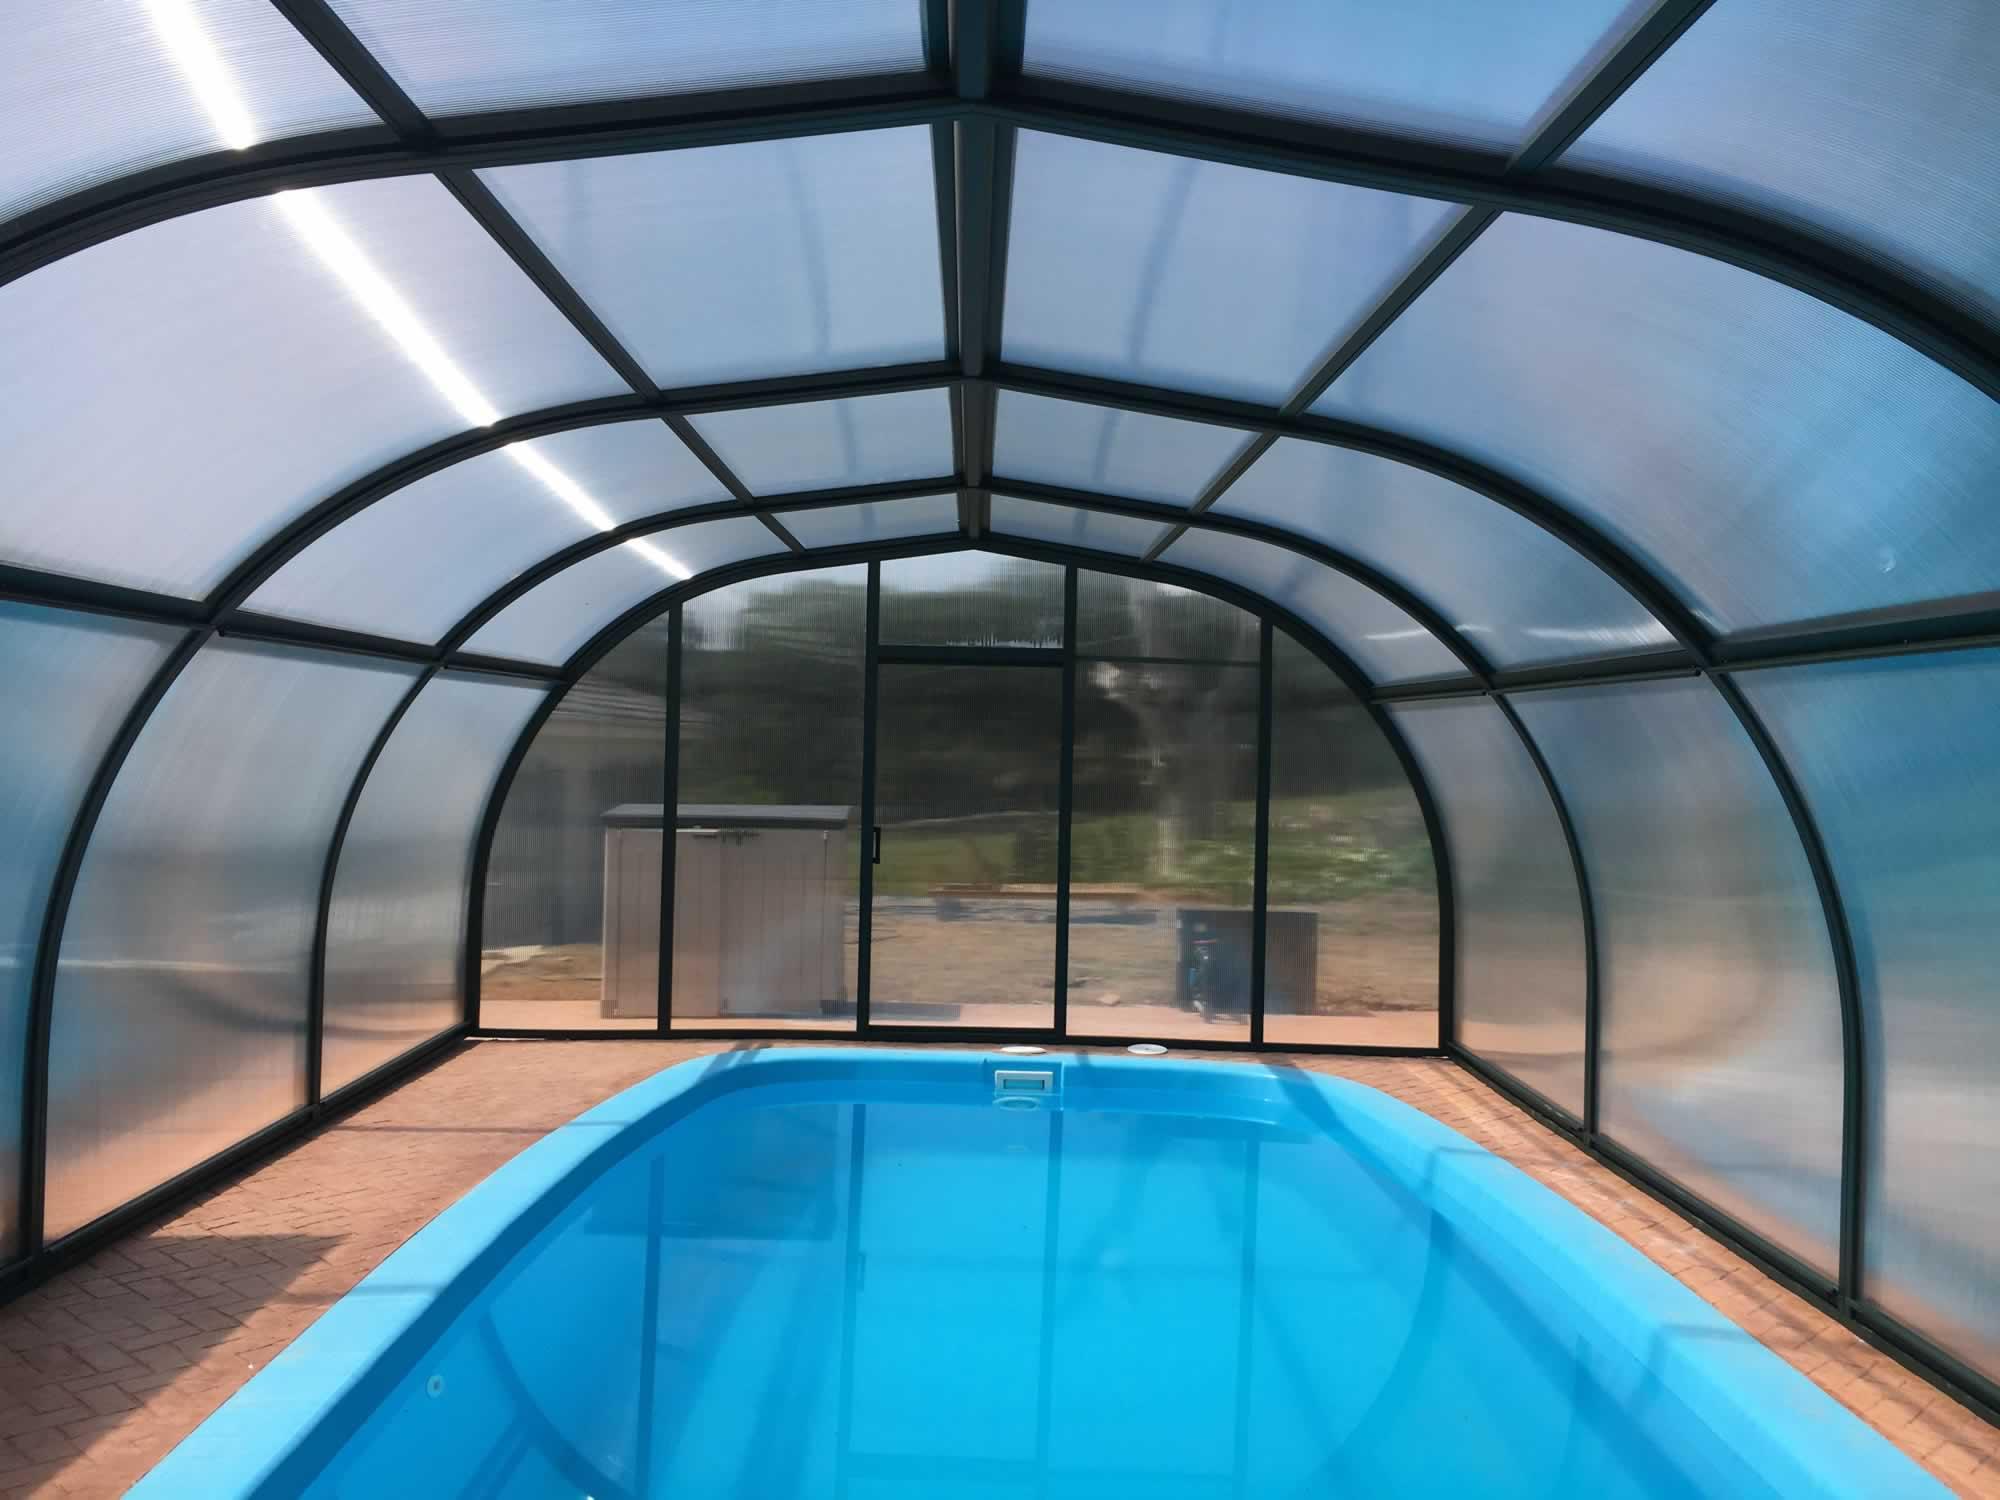 Cubierta Etna: Cubiertas de piscinas alta y fija en Burgos